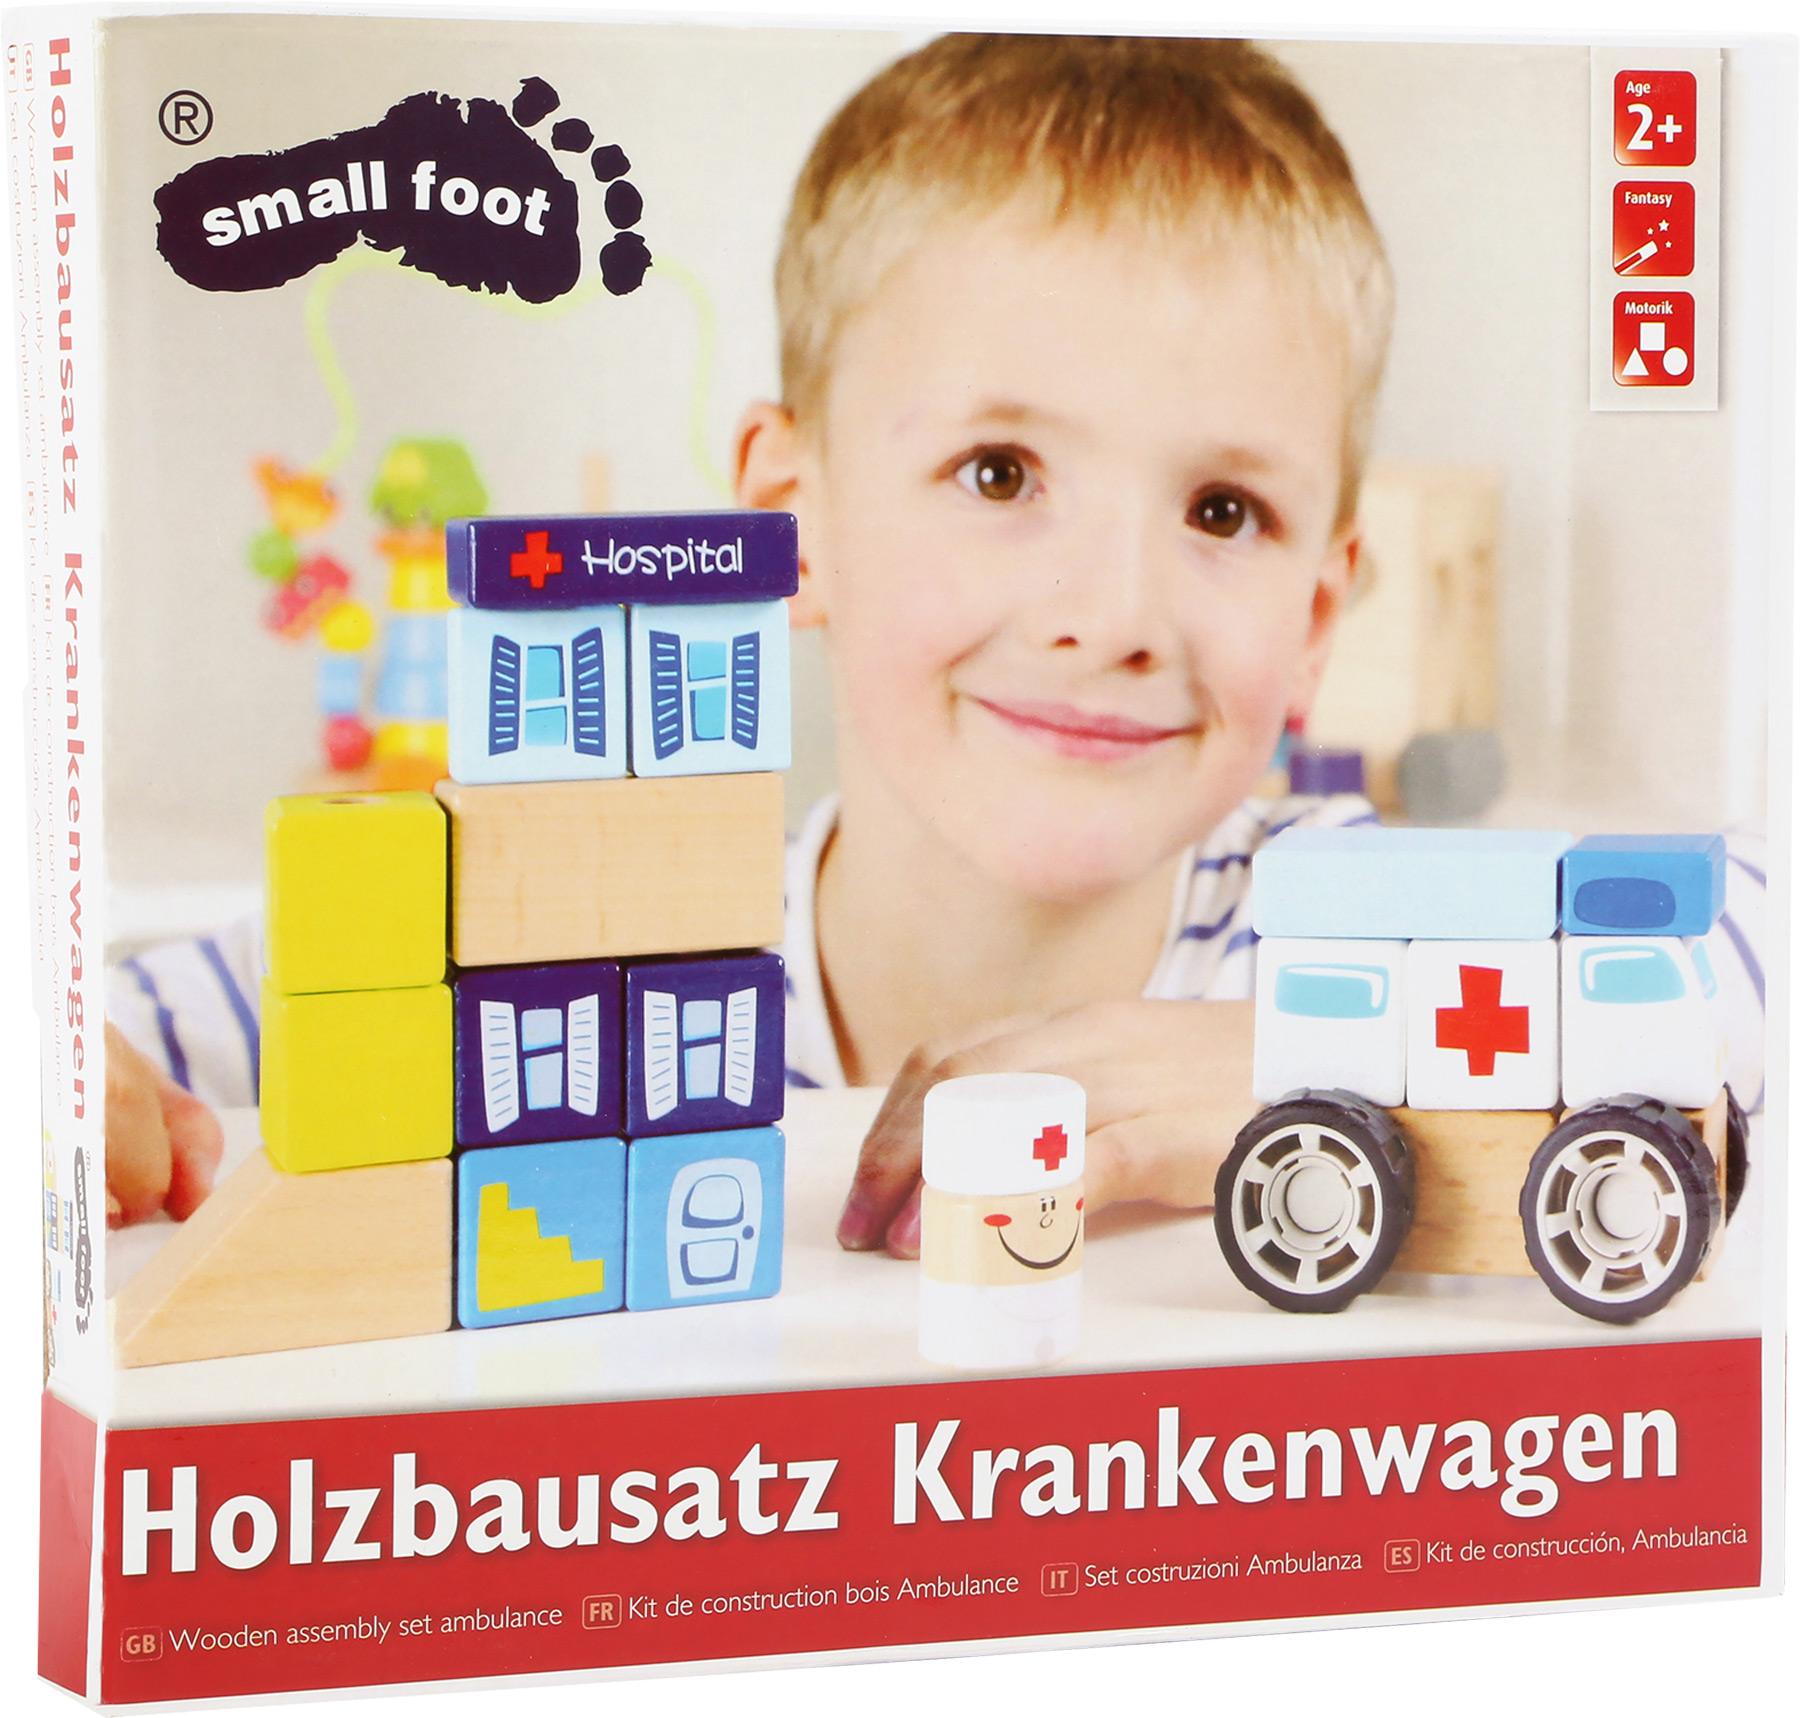 10079_holzbausatz_krankenwagen_verpackung